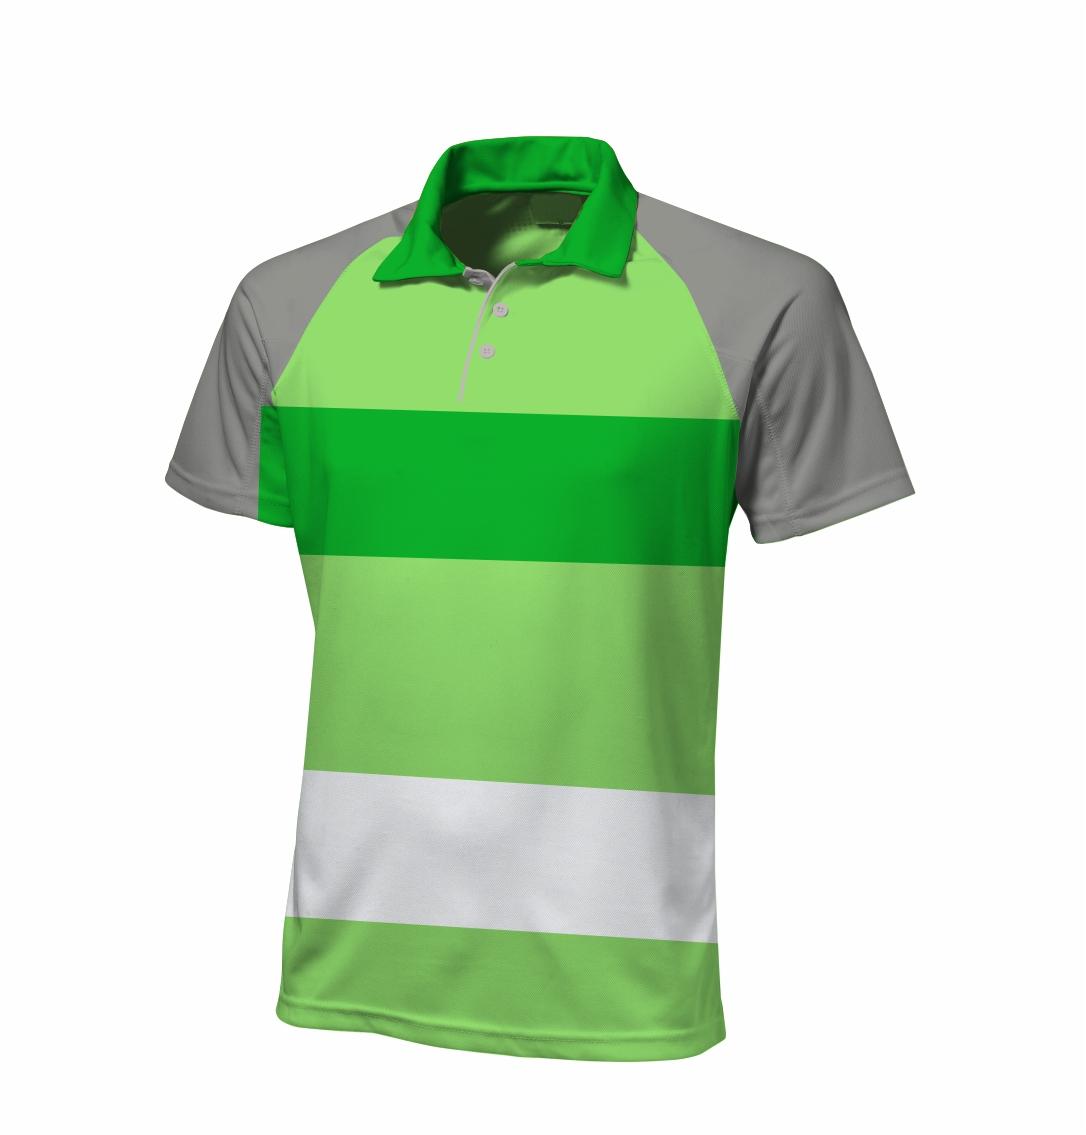 Sublimated - Zuco golfer Shirt - Malibu